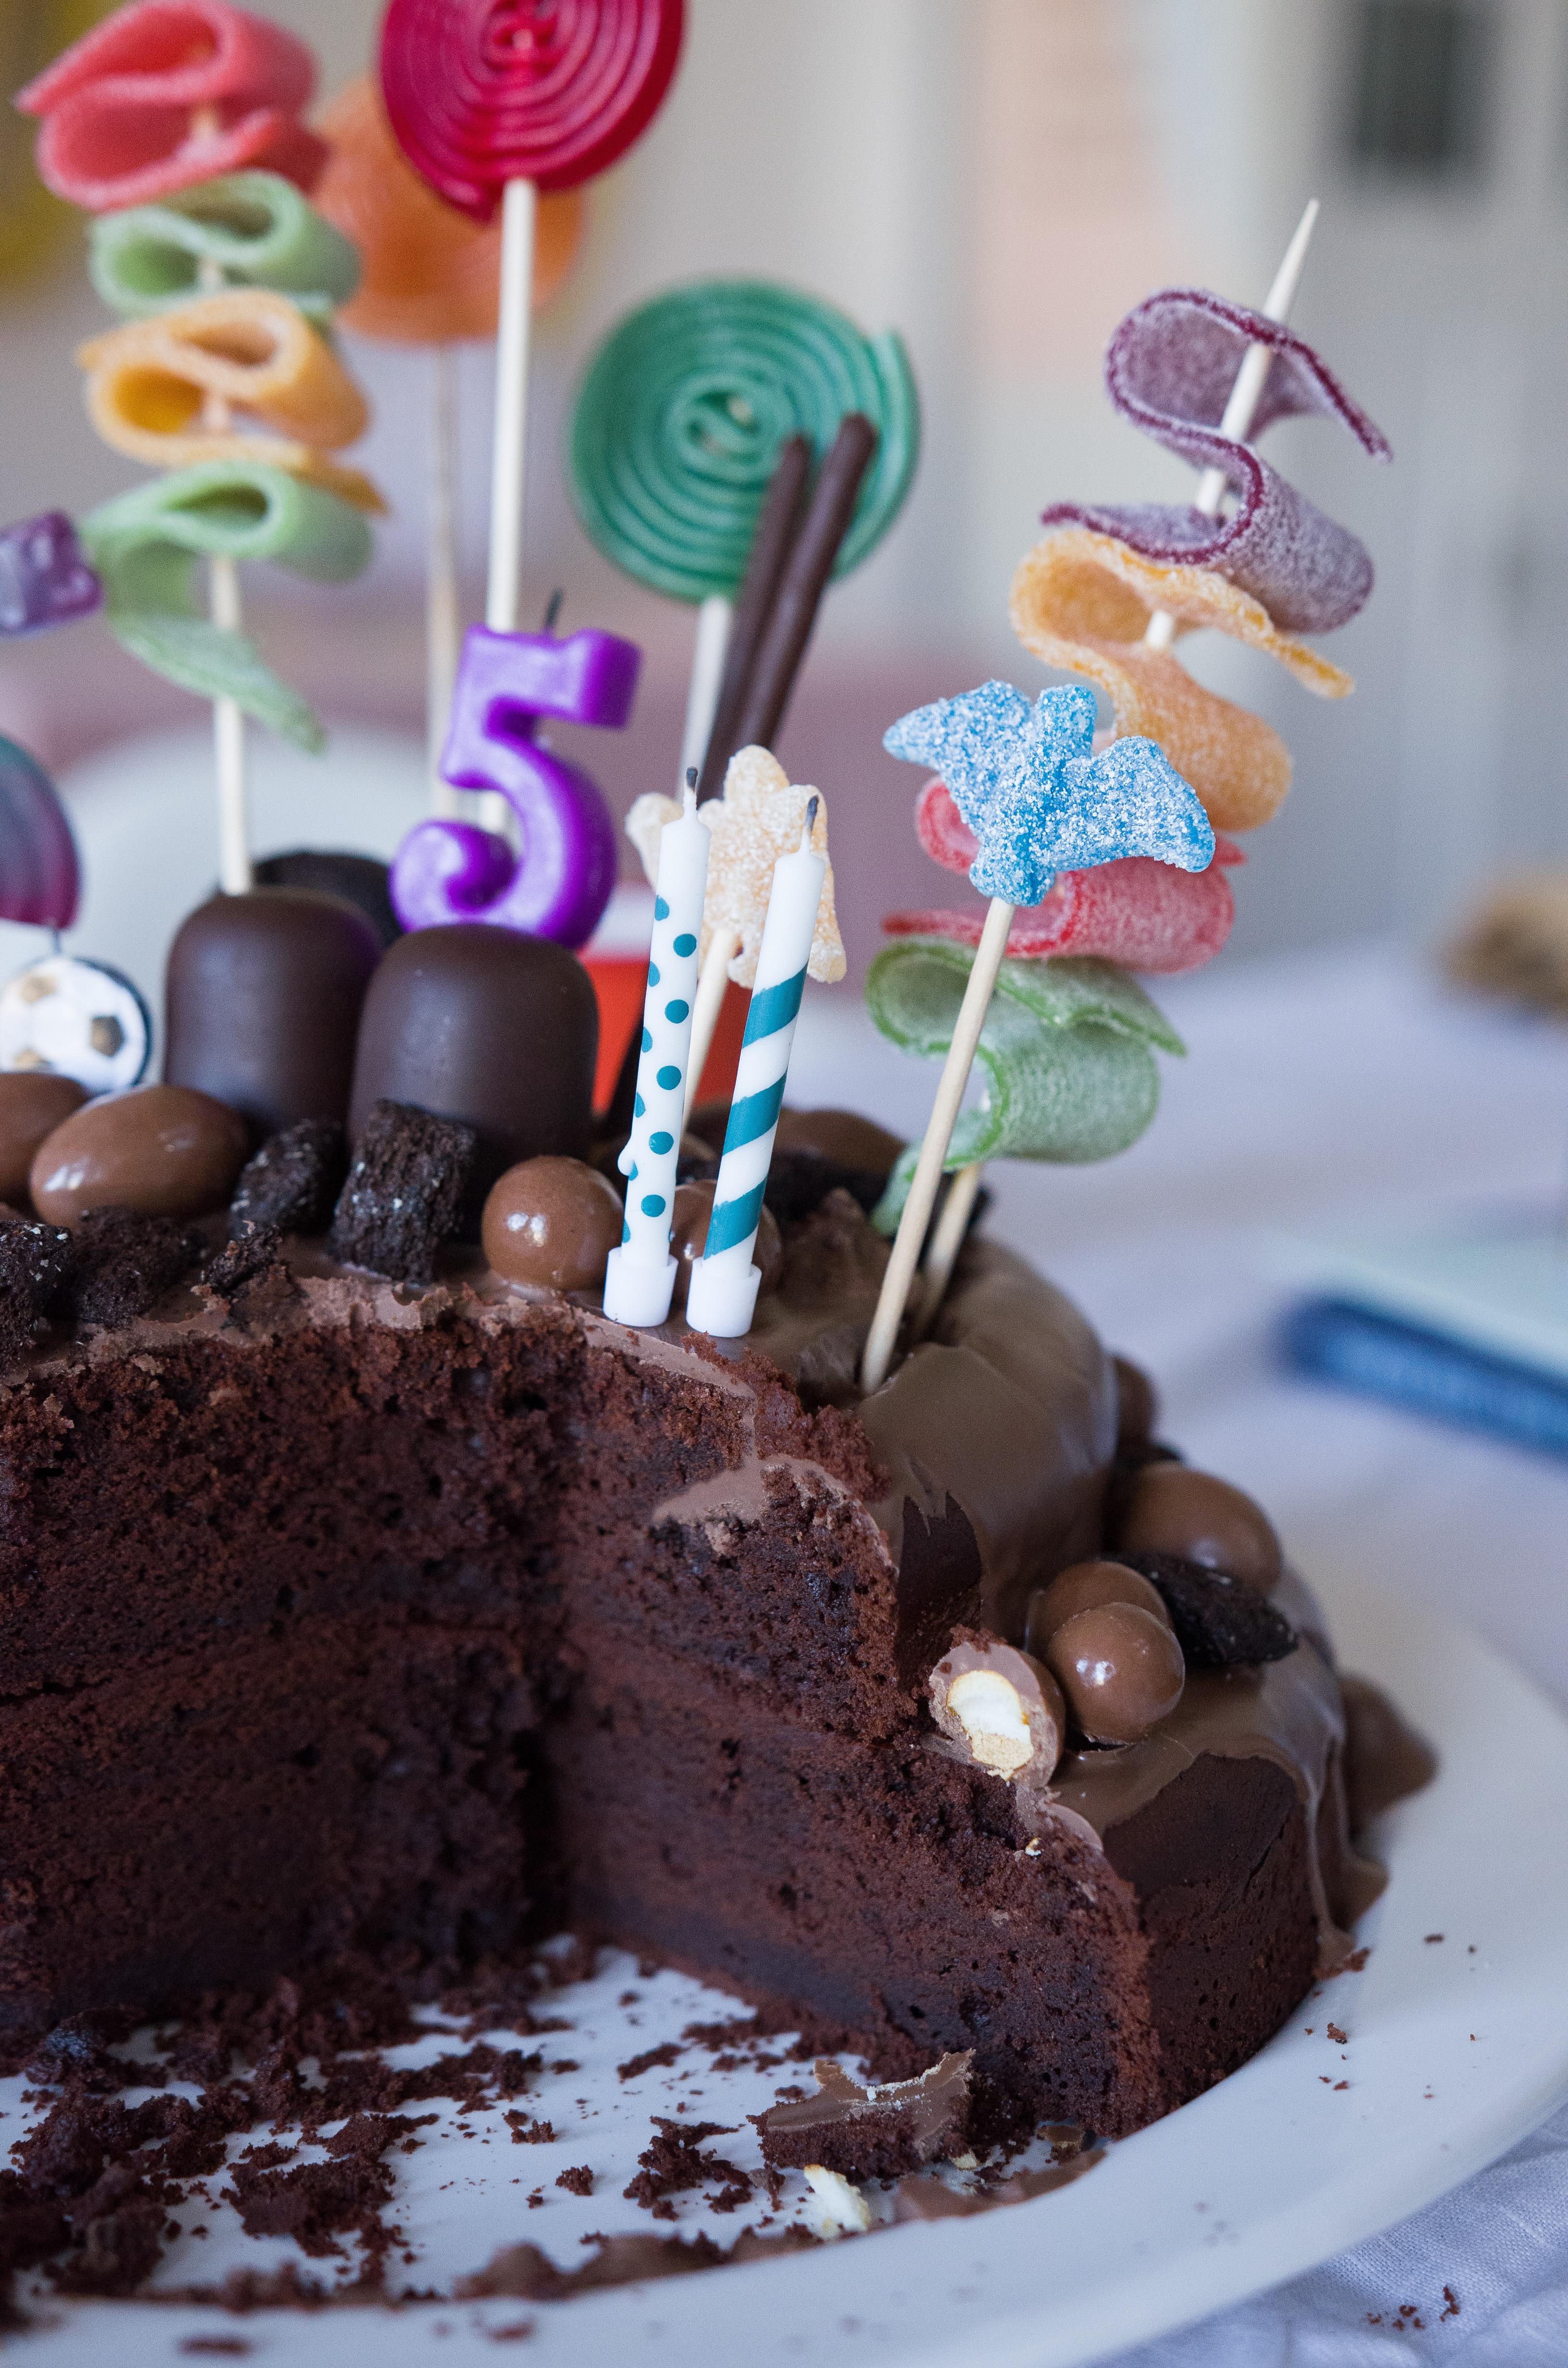 Schoko-Schock oder Schoko-Traum? Saftigster Schokokuchen als Basis für Candy Cake Geburtstagskuchen